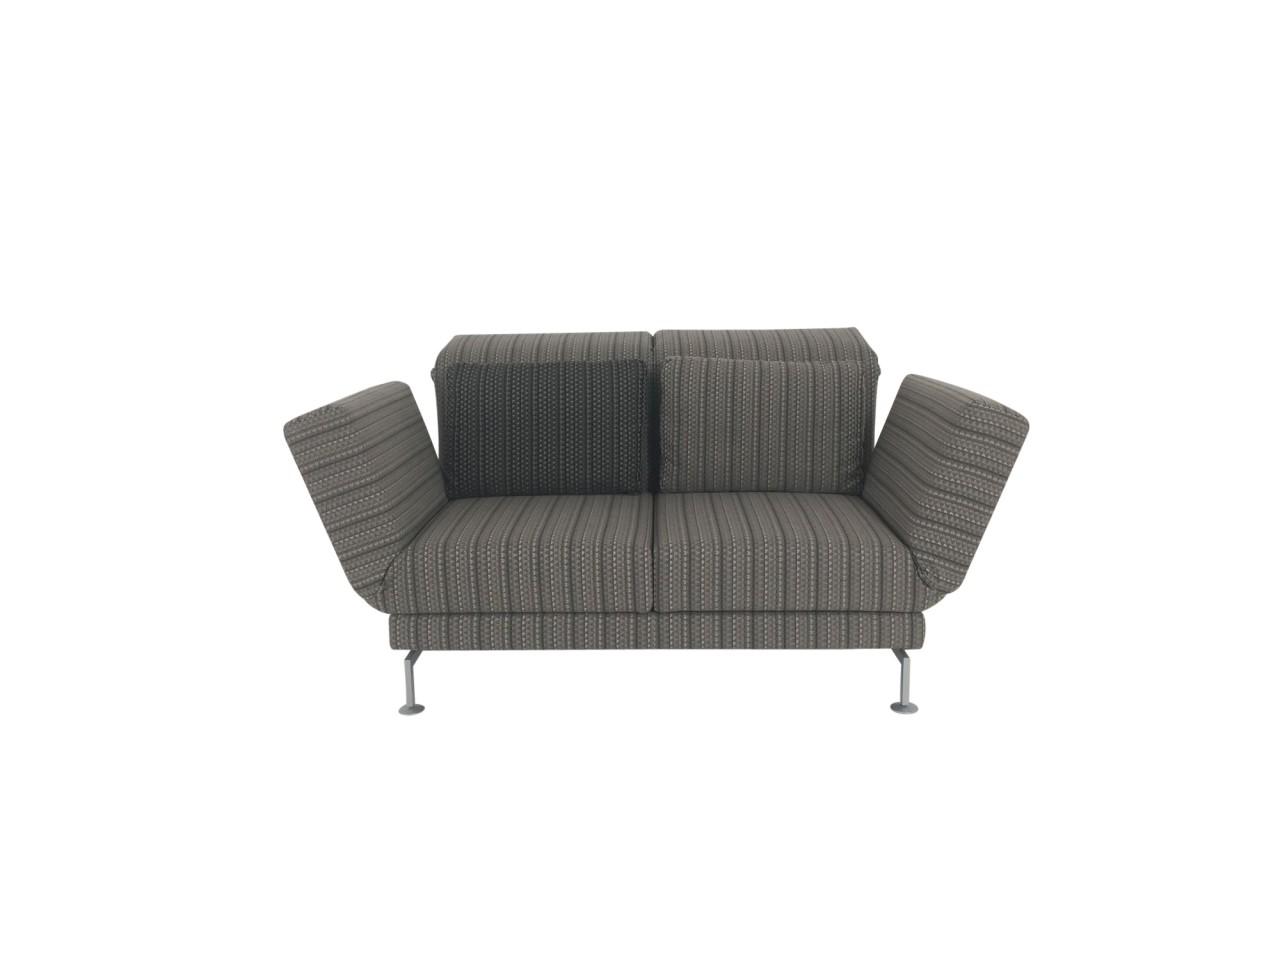 Brühl MOULE SMALL Sofa 2 mit zwei Drehsitzen im braun gestreiften Stoffbezug und Rollen hinten